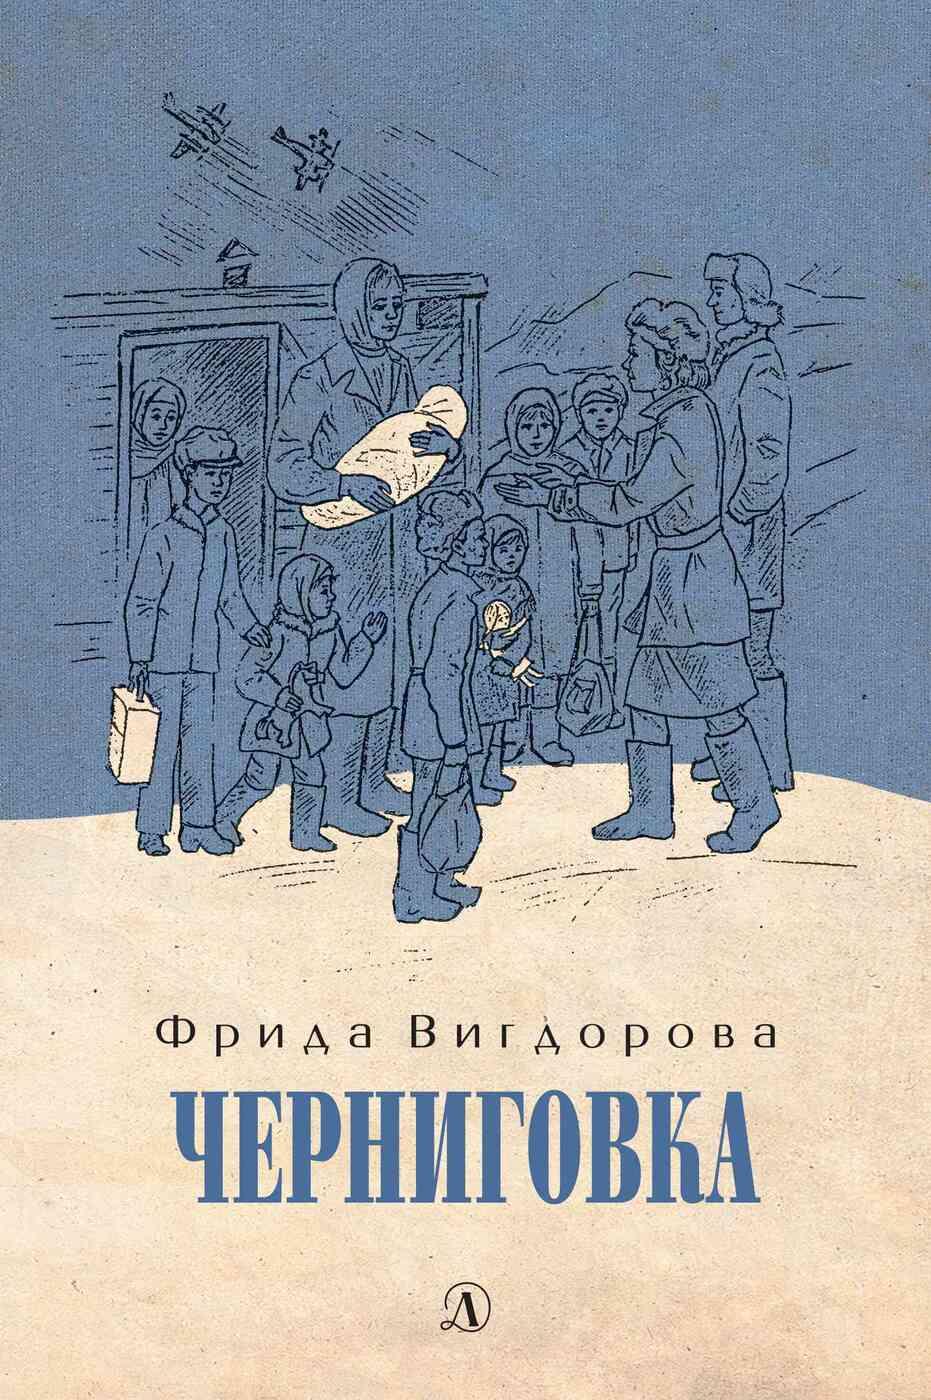 Chernigovka